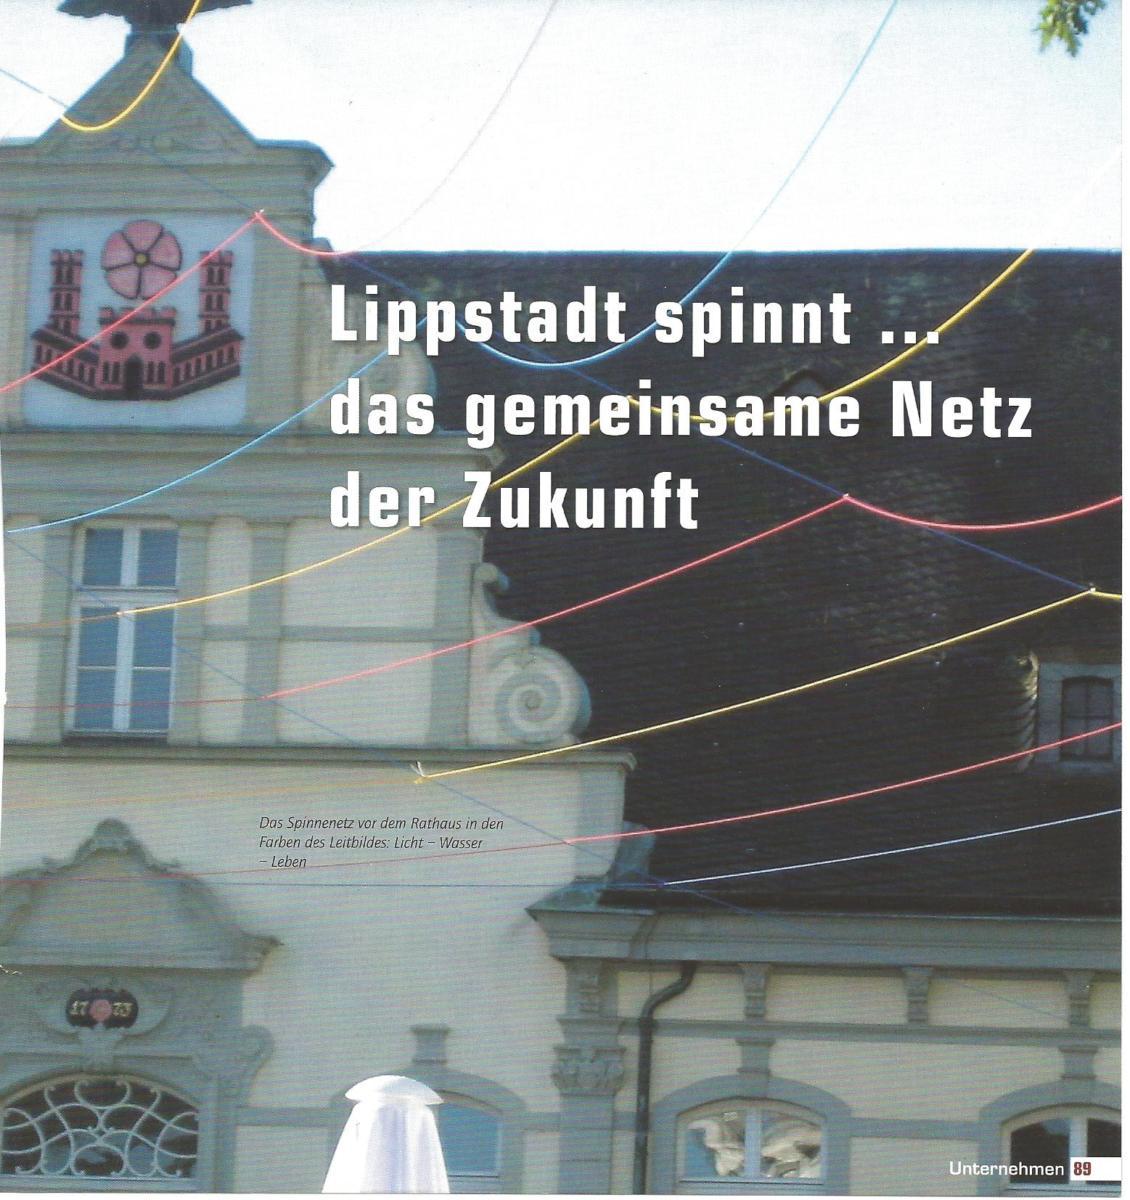 Lippstadt spinnt